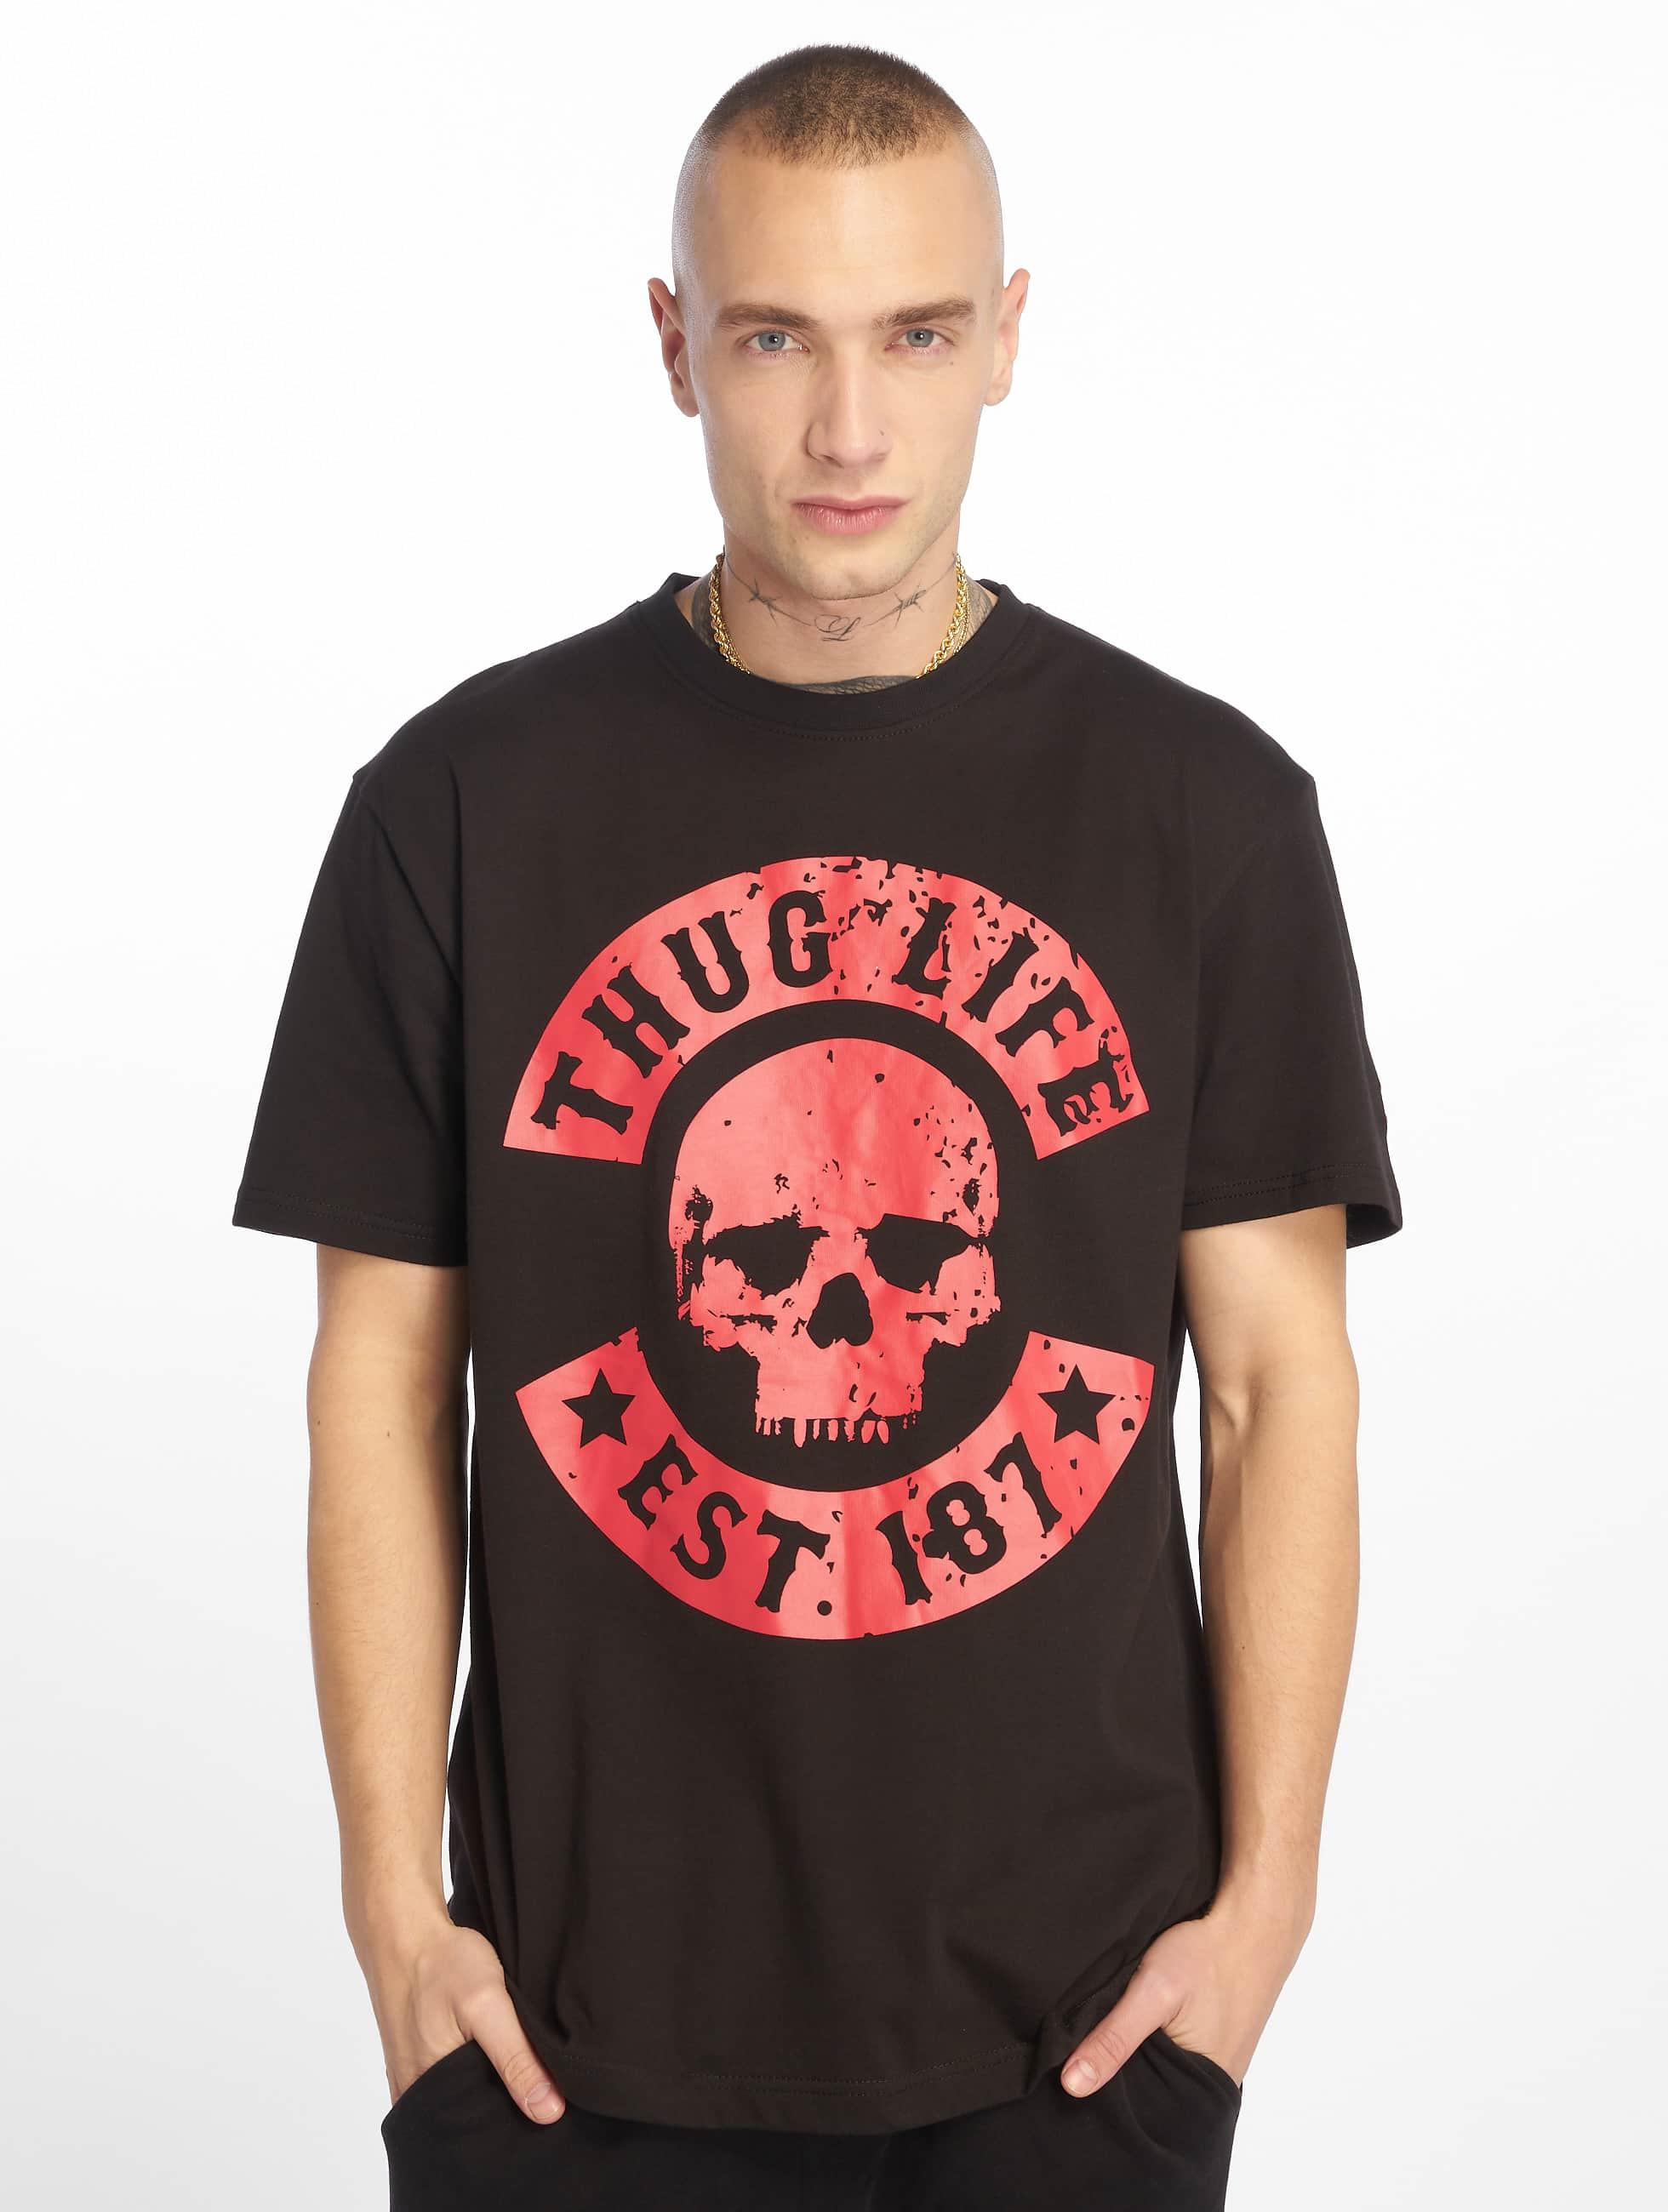 Thug Life / T-Shirt B.Distress in black 2XL